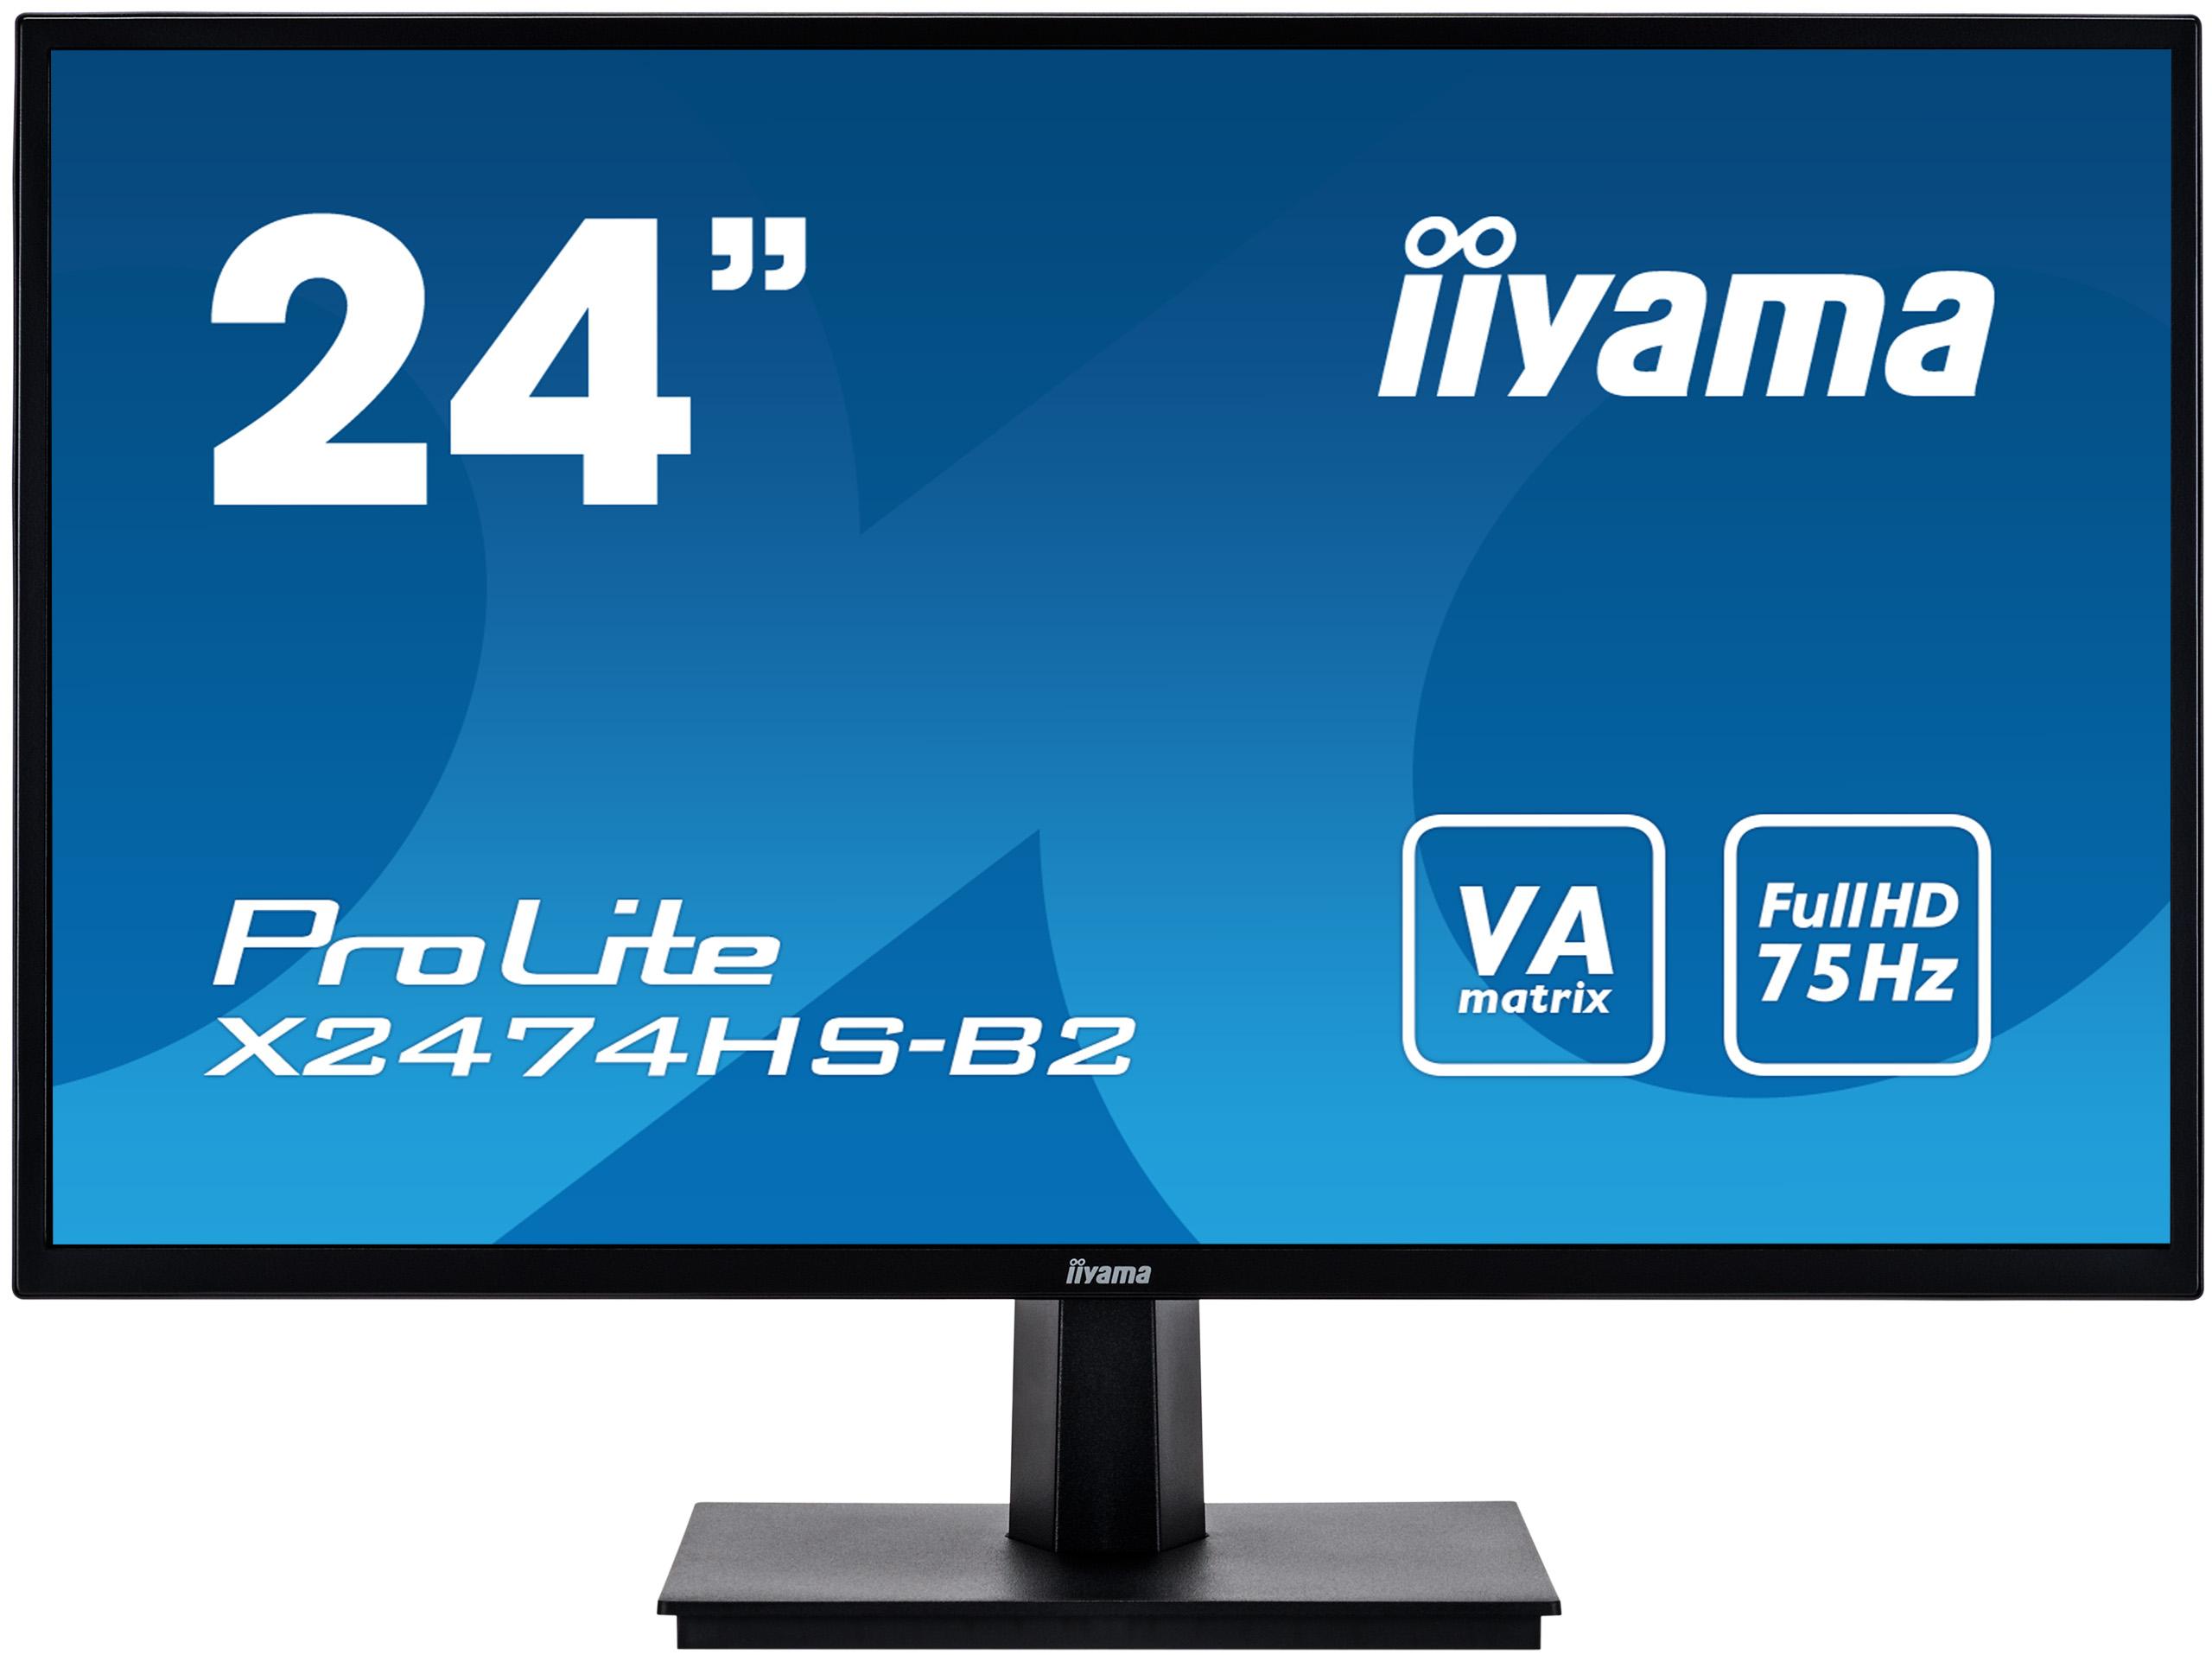 24'' iiyama X2474HS-B2: VA, FullHD@75Hz, 250cd/m2, 4ms, VGA, HDMI, DP, černý - X2474HS-B2